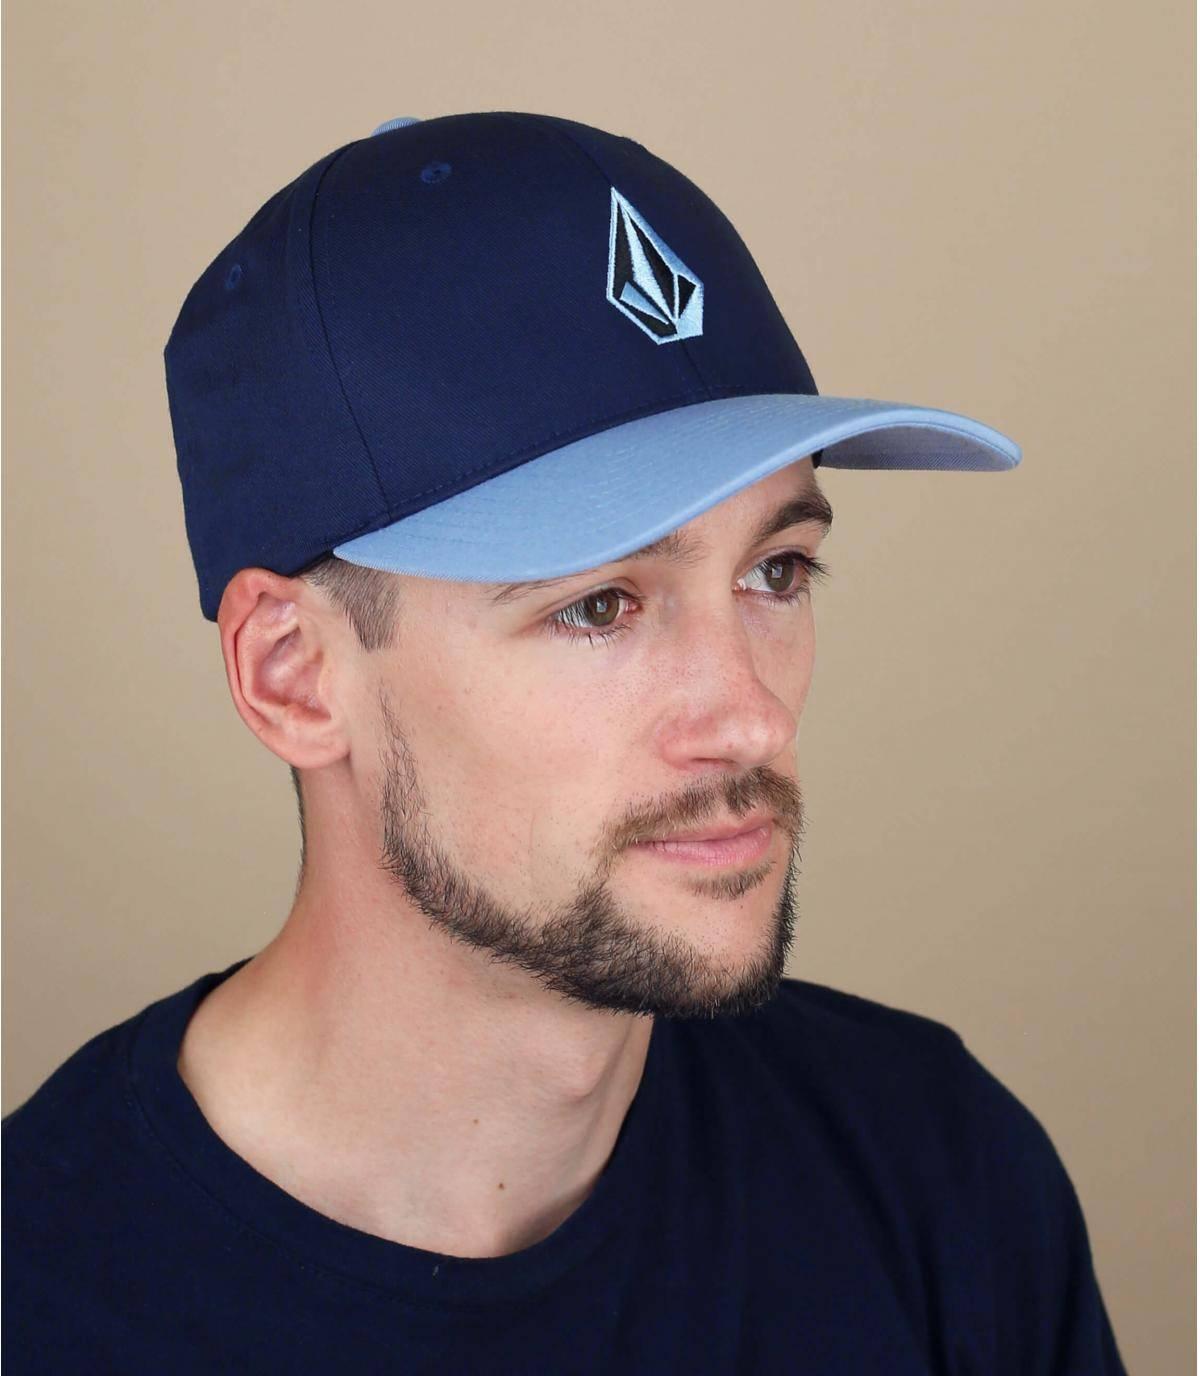 cappellino Volcom blu